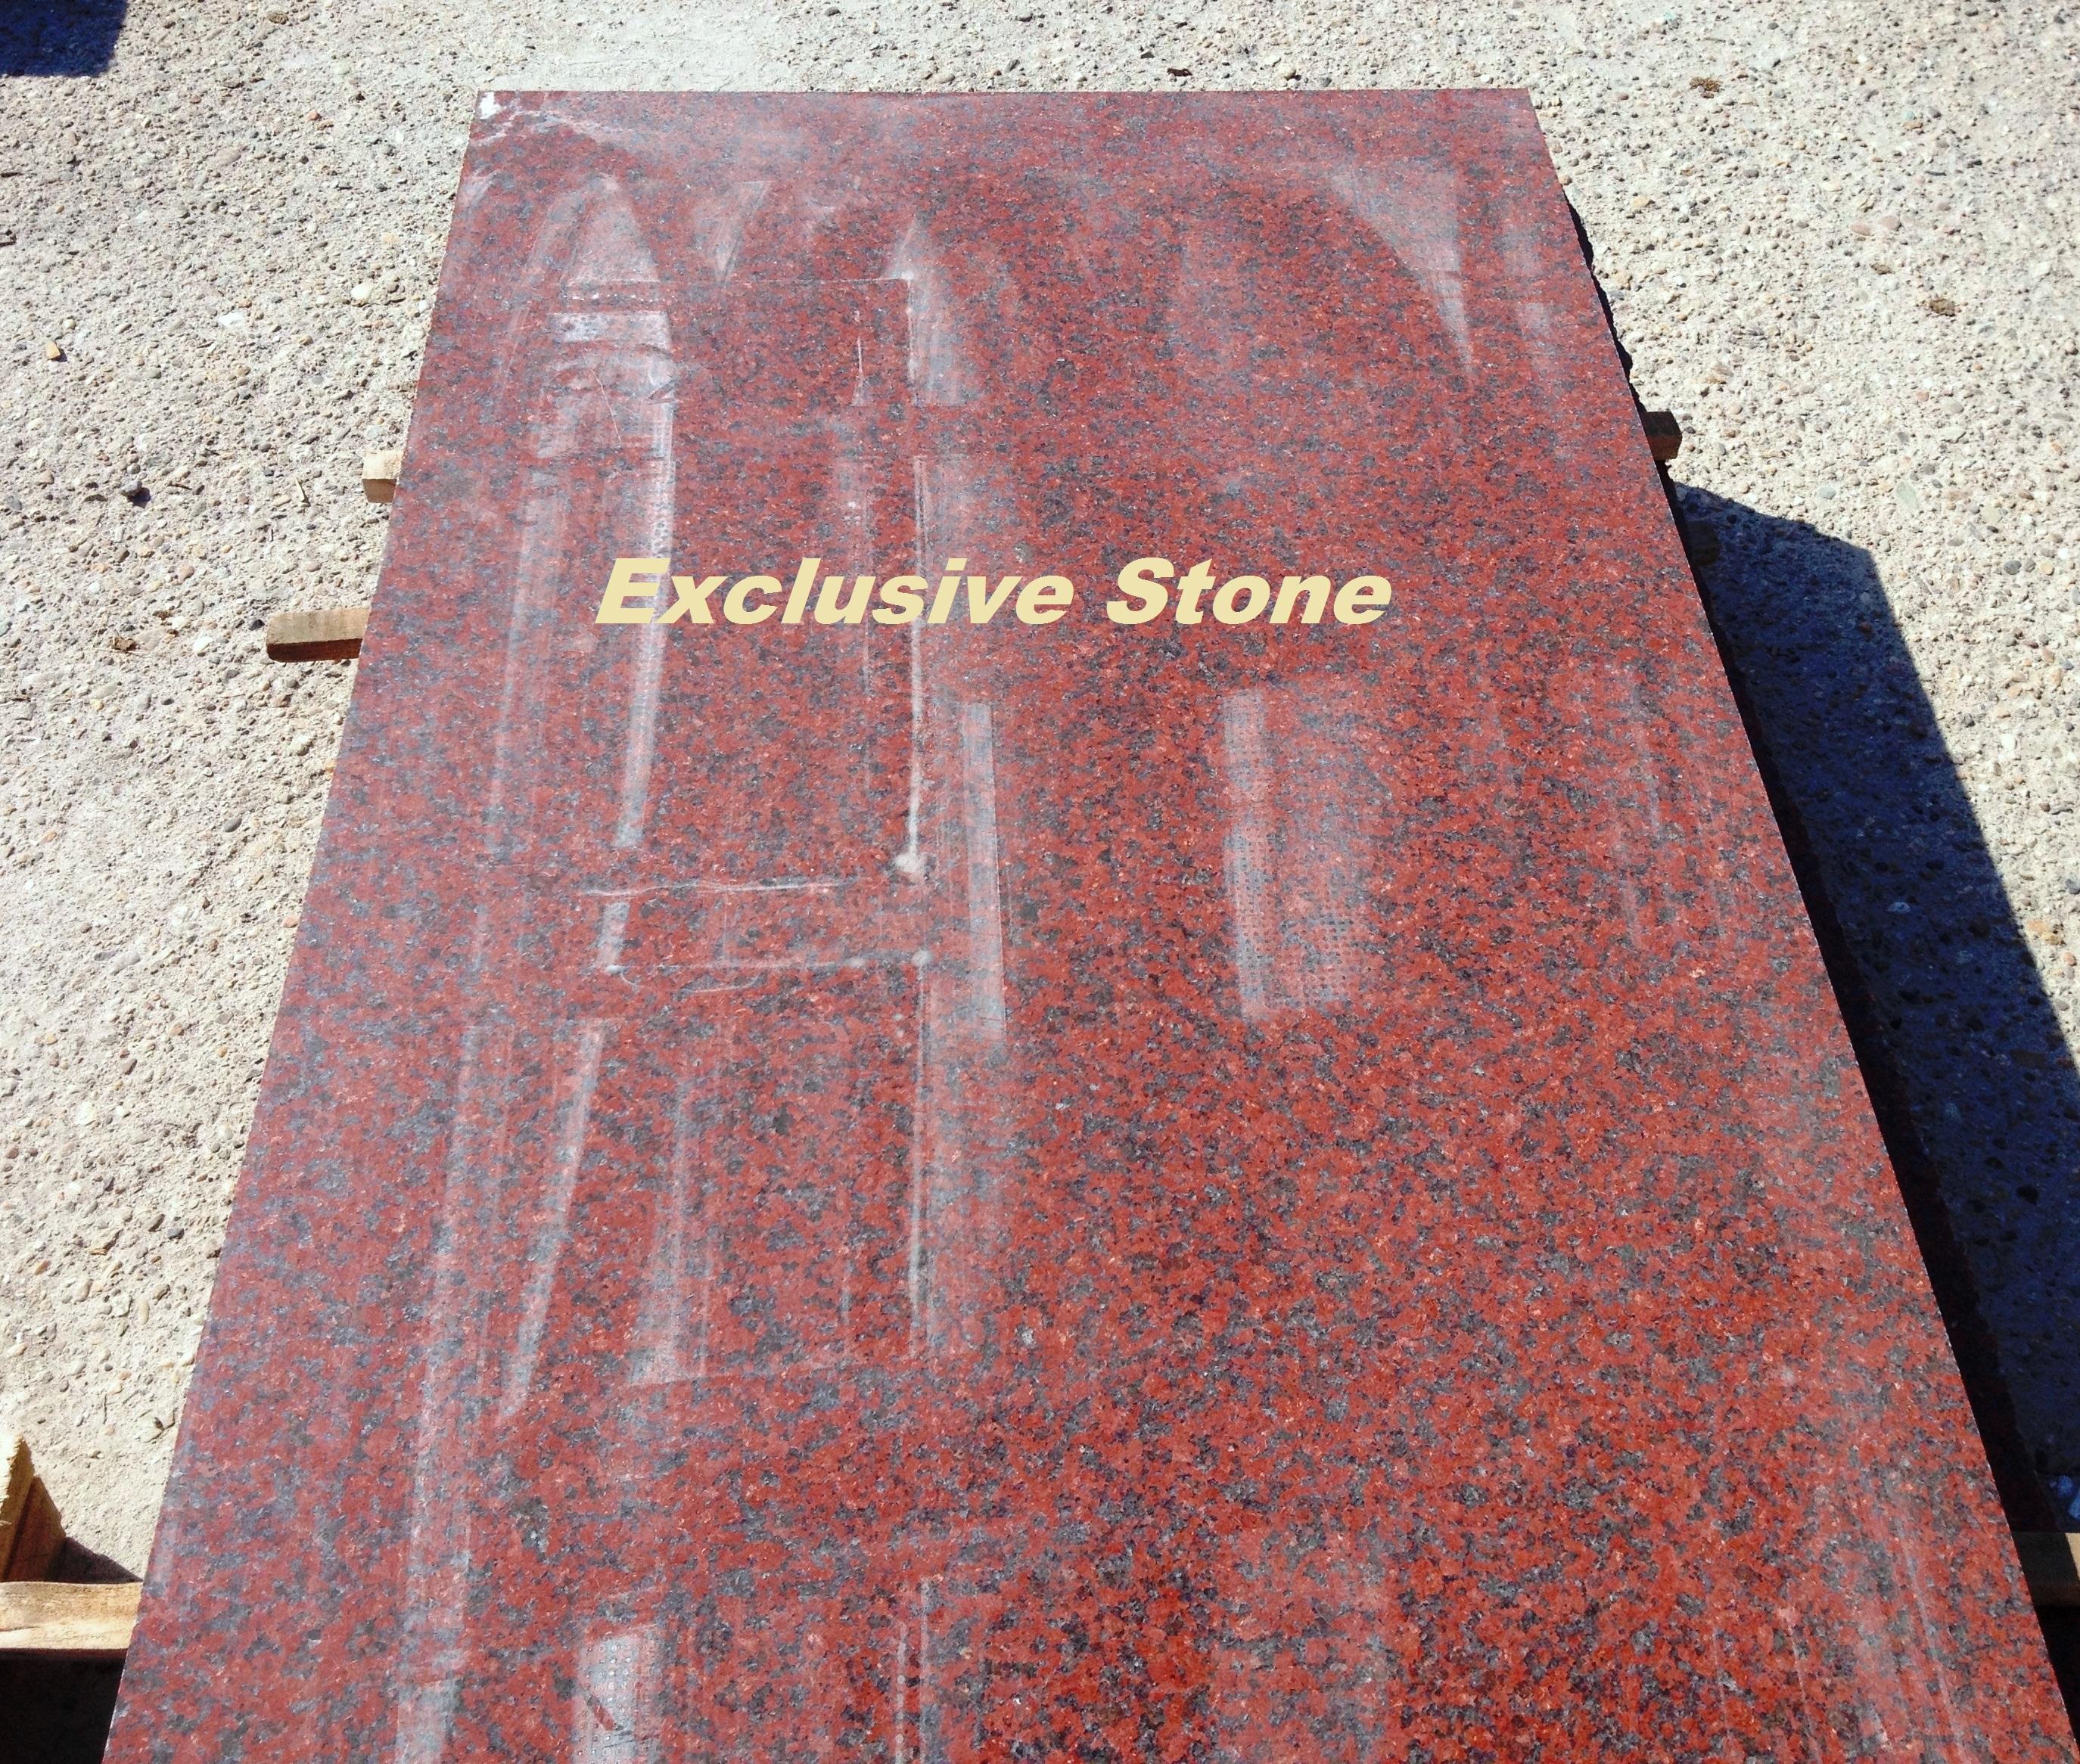 Piese /masive Granit Rosu Imperial cu grosimi de 2, 3, 4, 5, 6, 8 , 10 ,12 si 20 cm